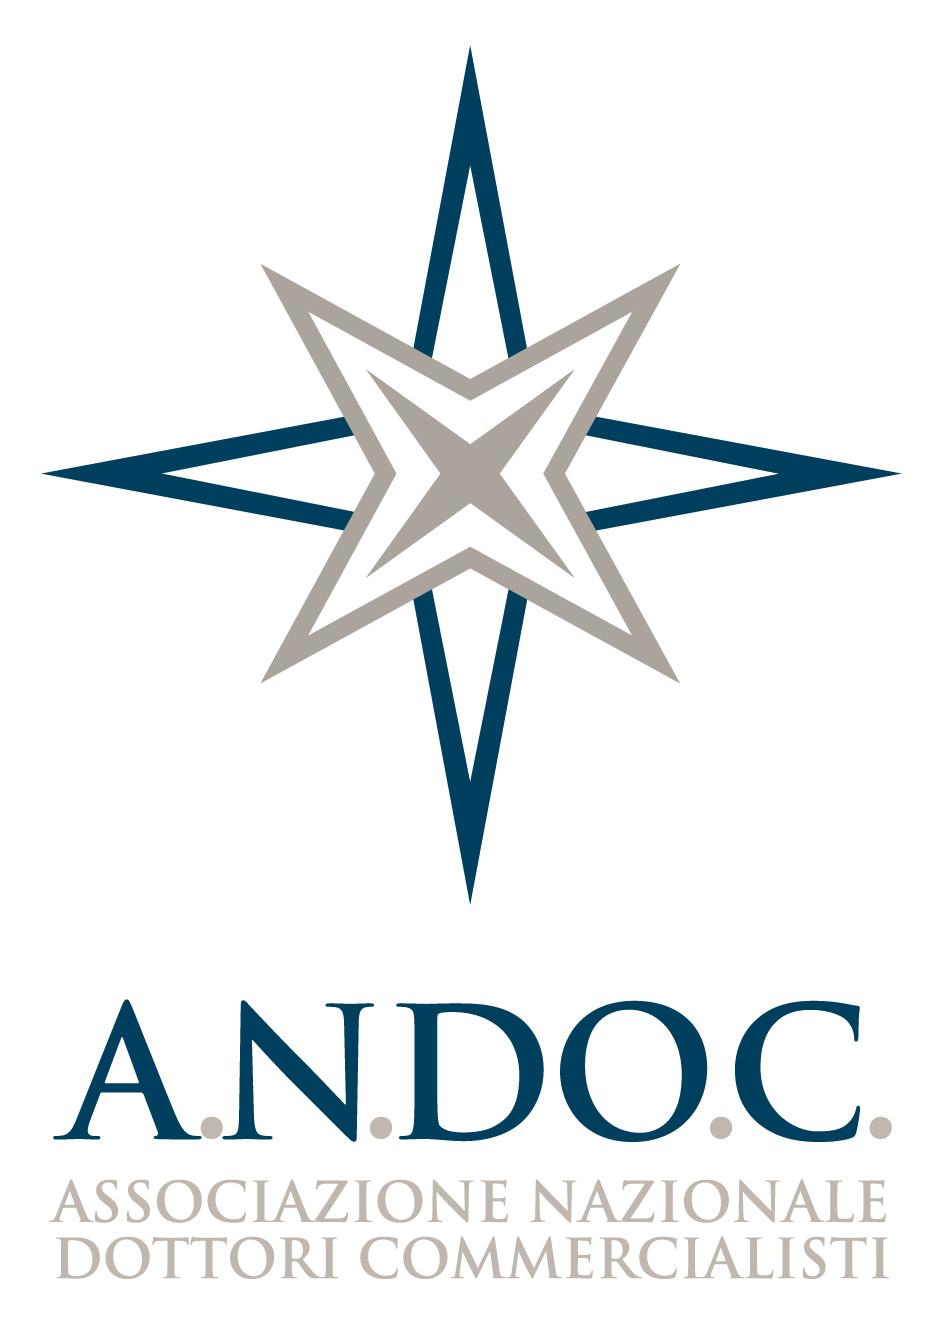 Revisori Legali - l'ANDoC scrive al Ministro Saccomanni per cancellare l'adempimento